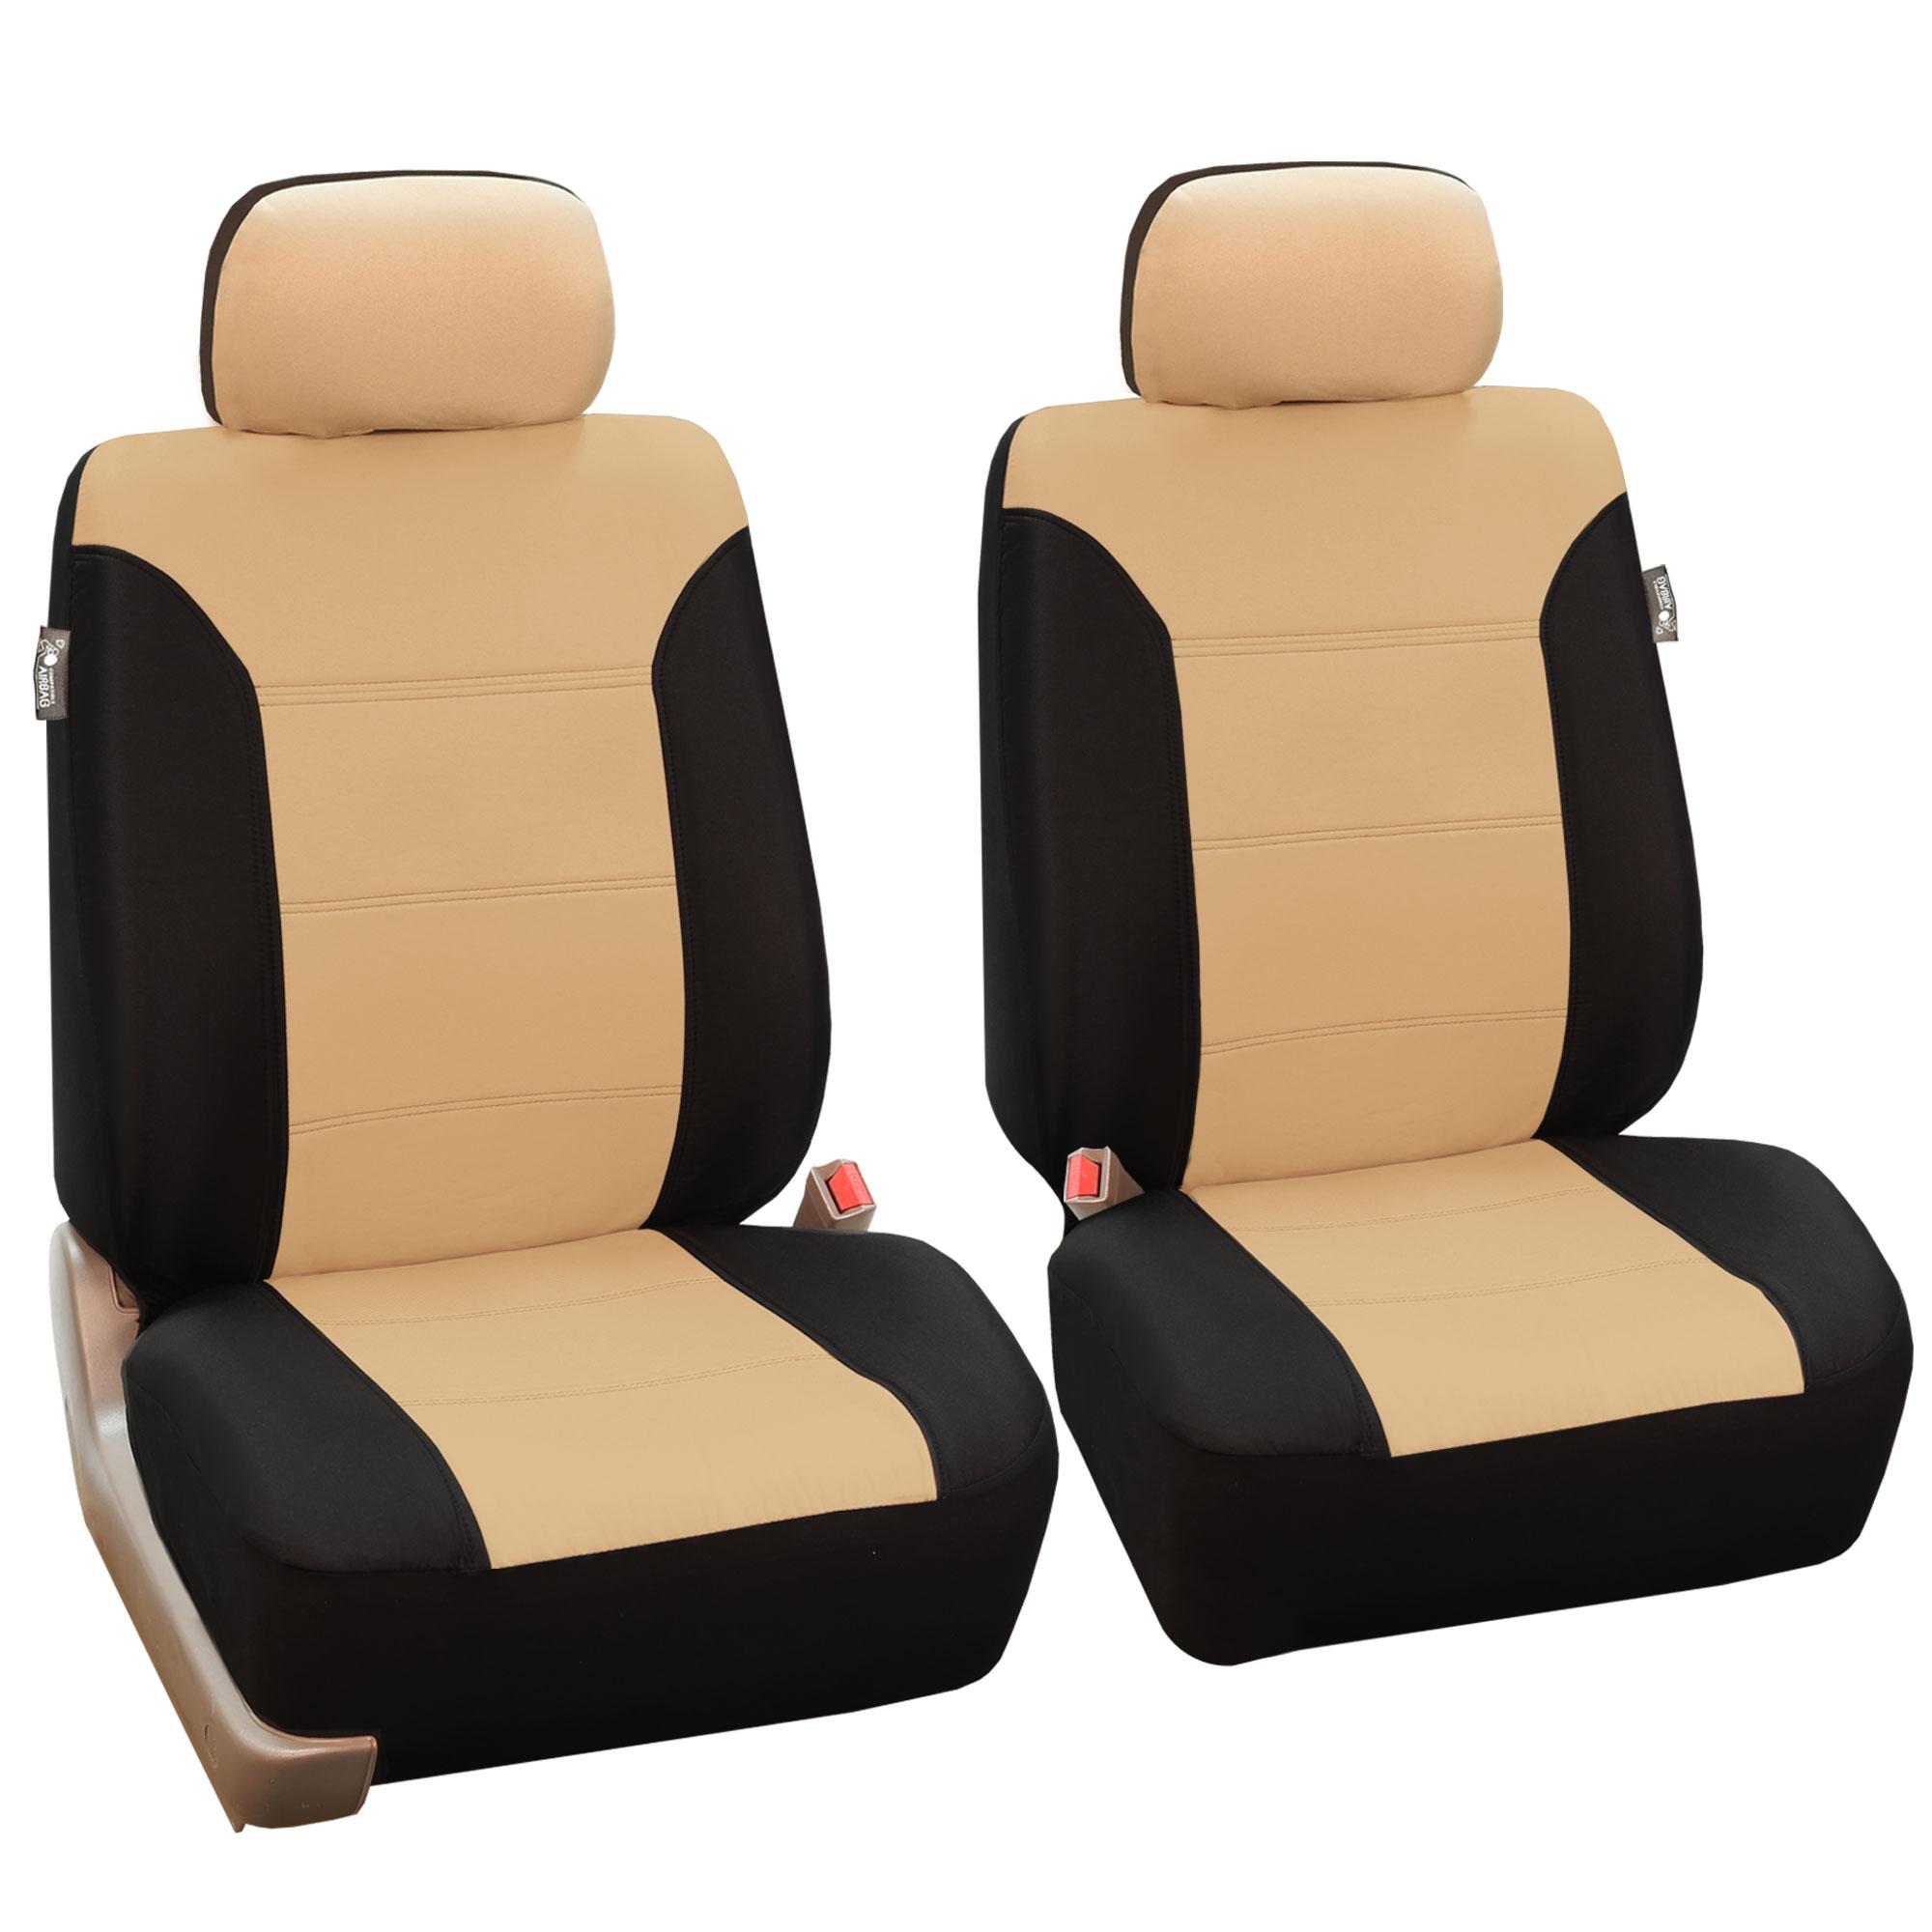 Classic Khaki Bucket Car Seat Covers Pair